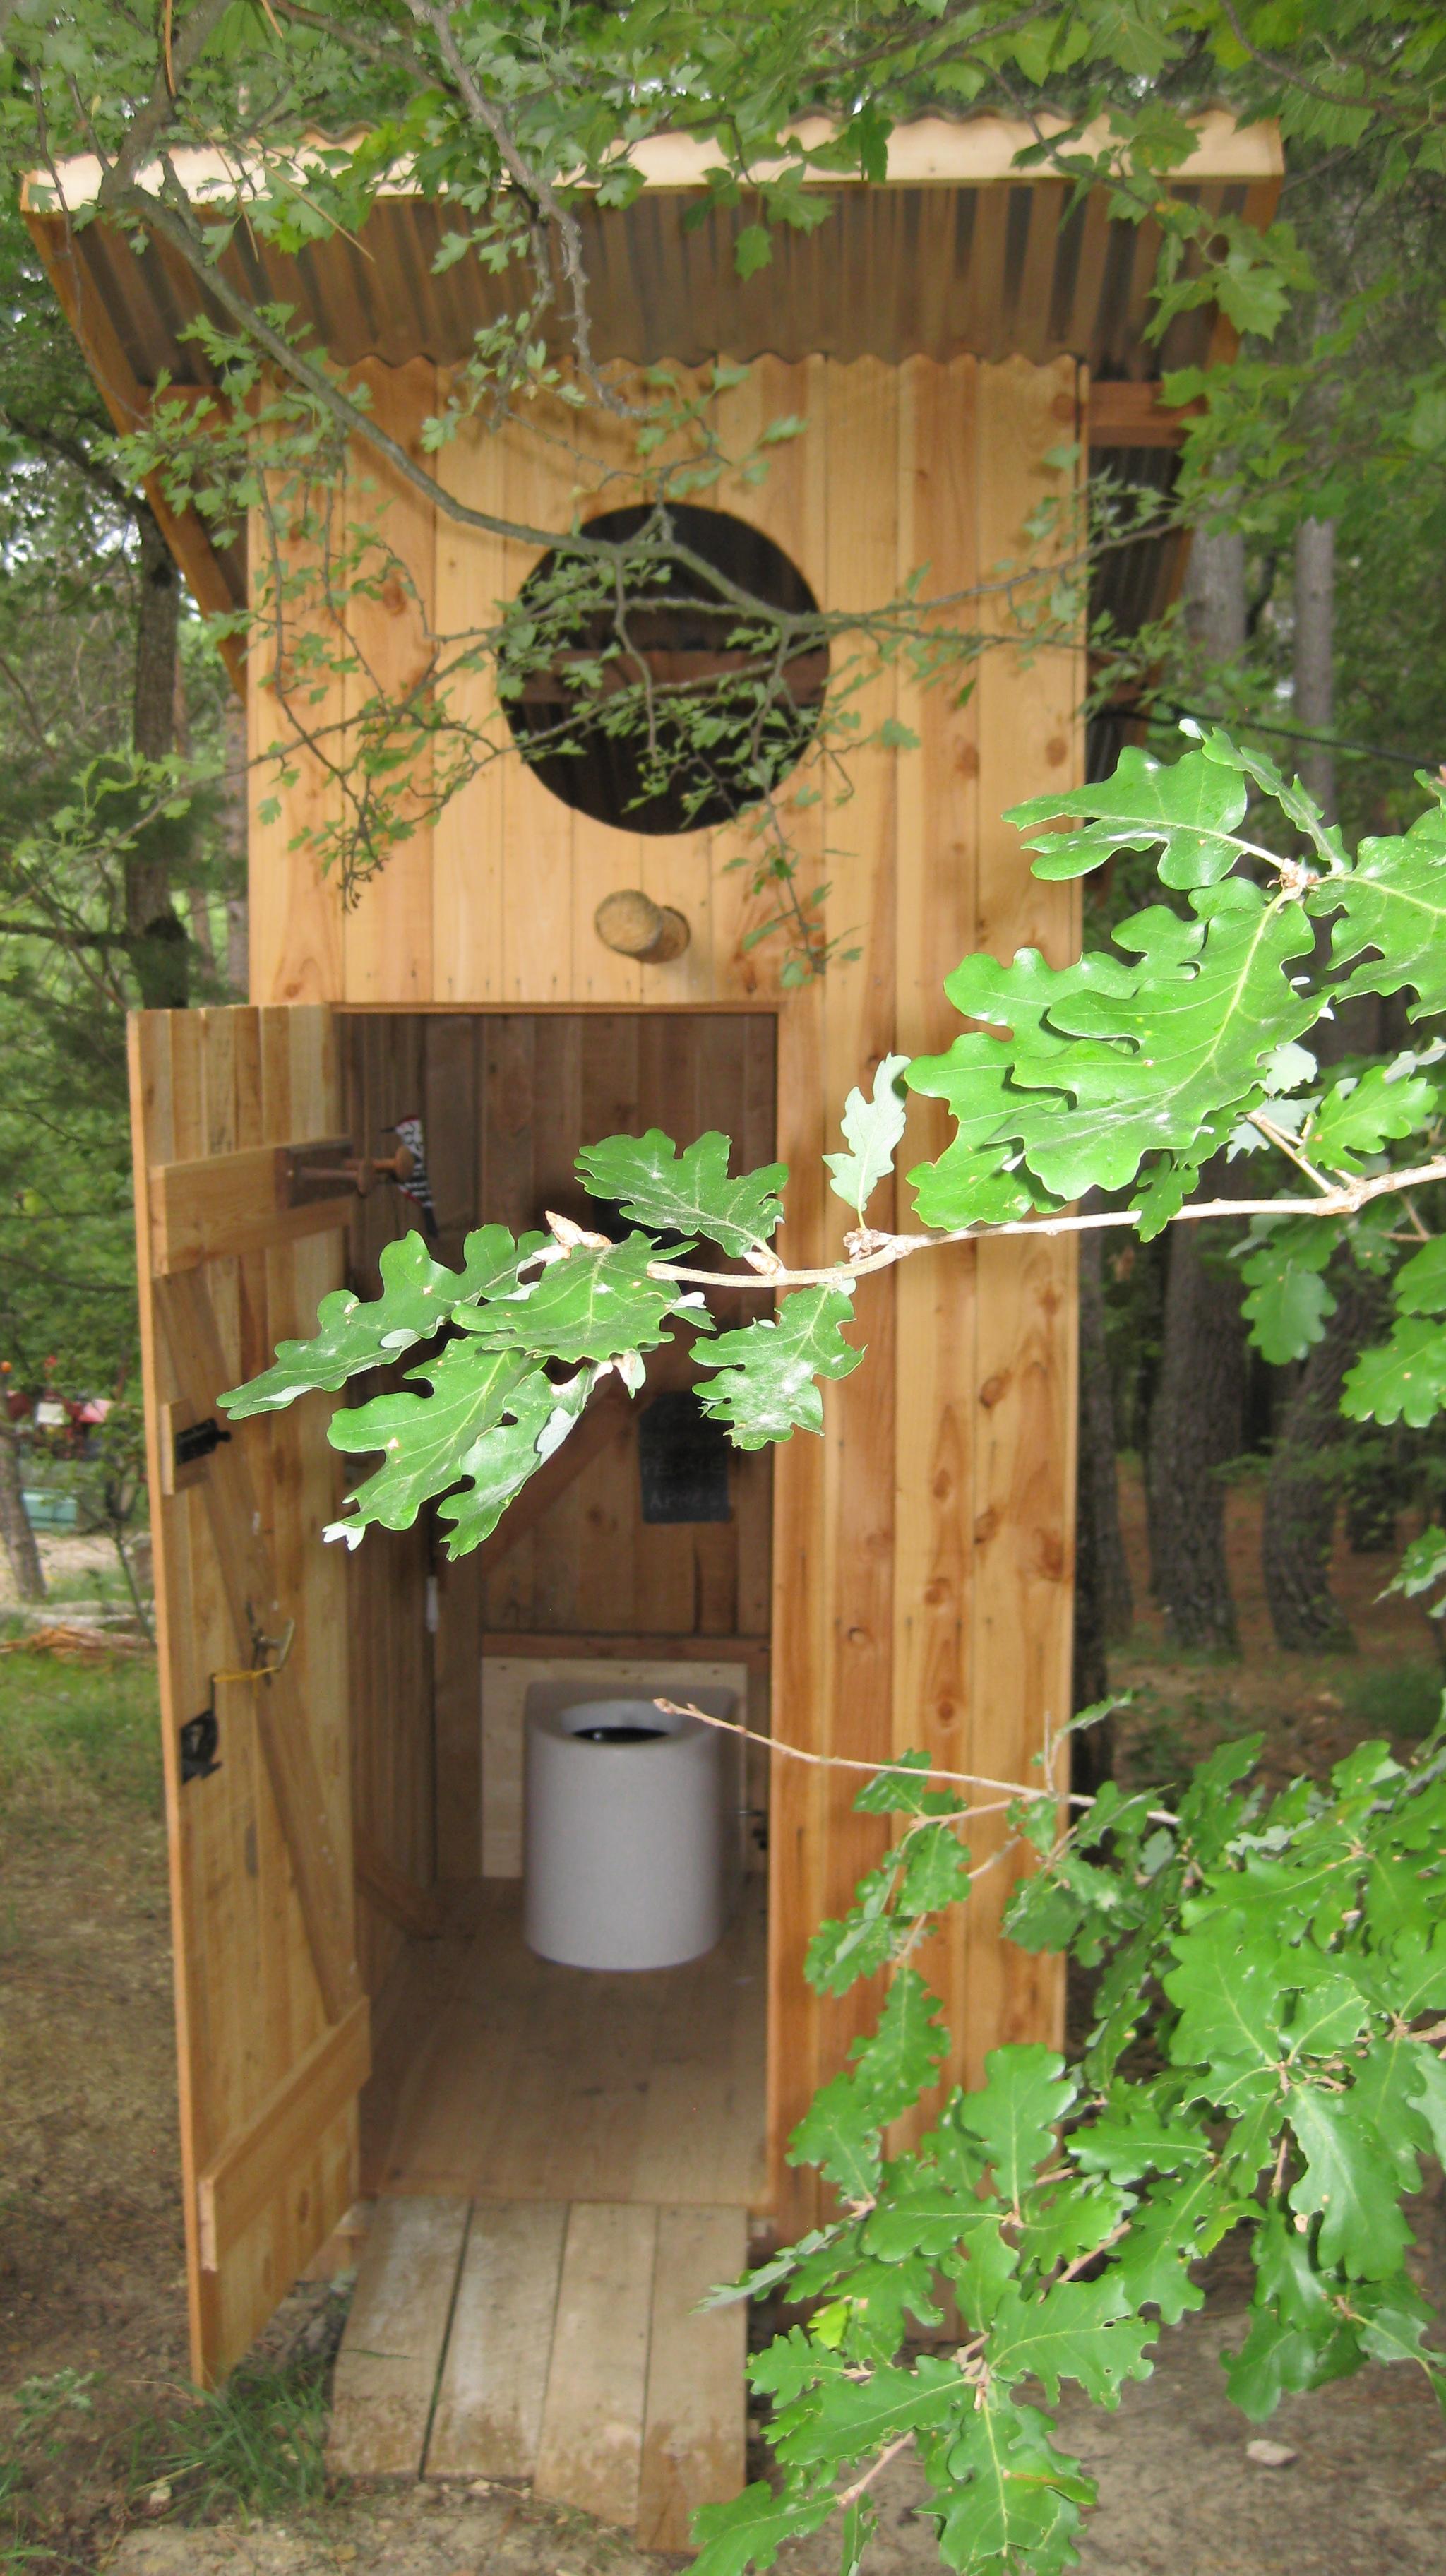 File:Dry Toilet Built Outside A House Toilette Sèche Construite à Lu0027 Exterieur D